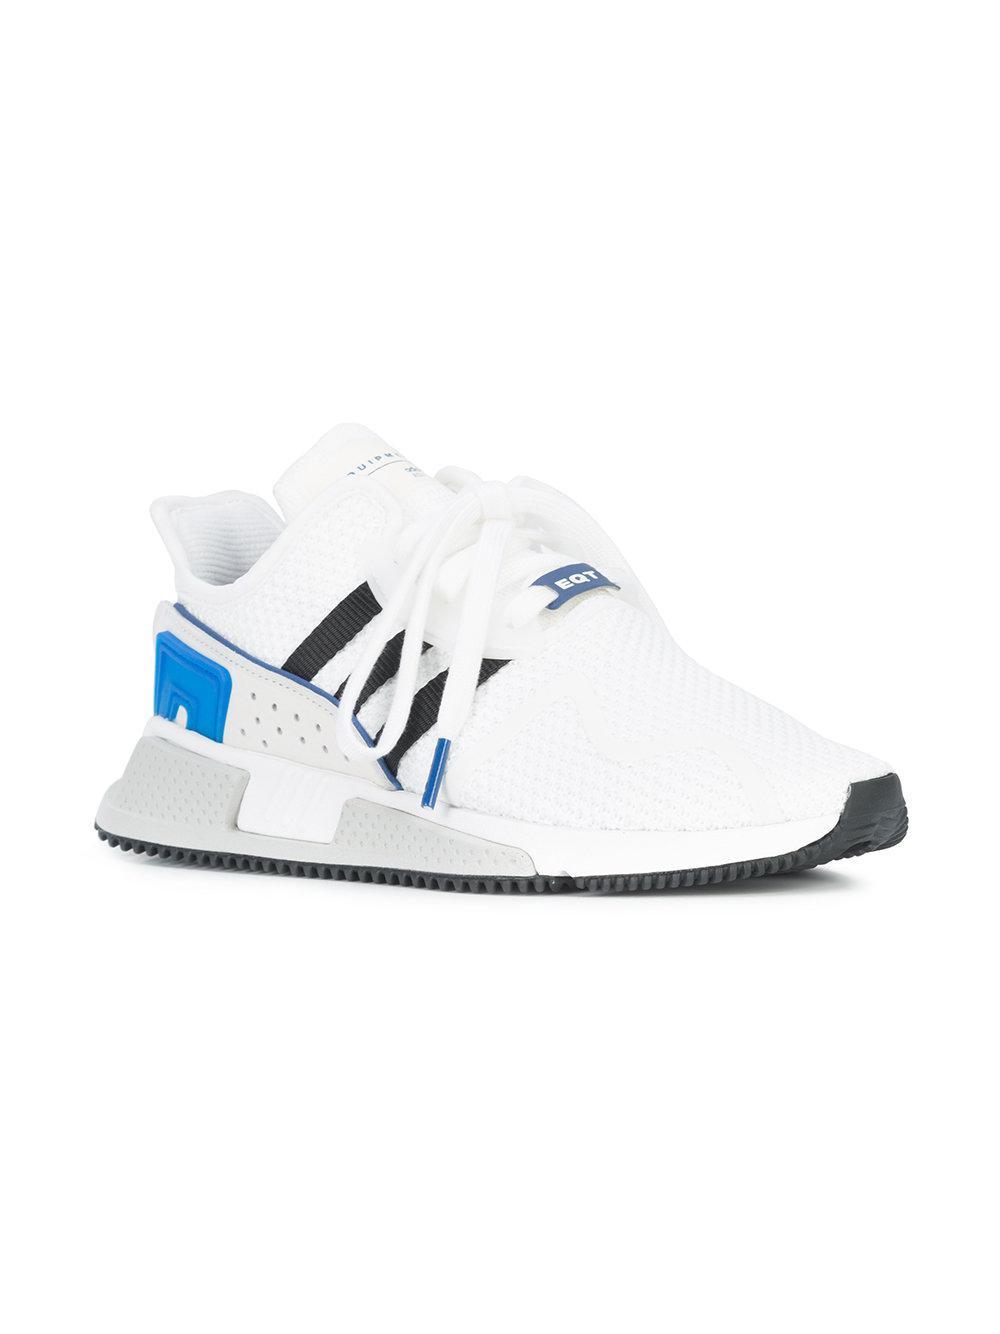 Adidas Originals EQT Cushion ADV zapatillas en blanco para hombres Lyst